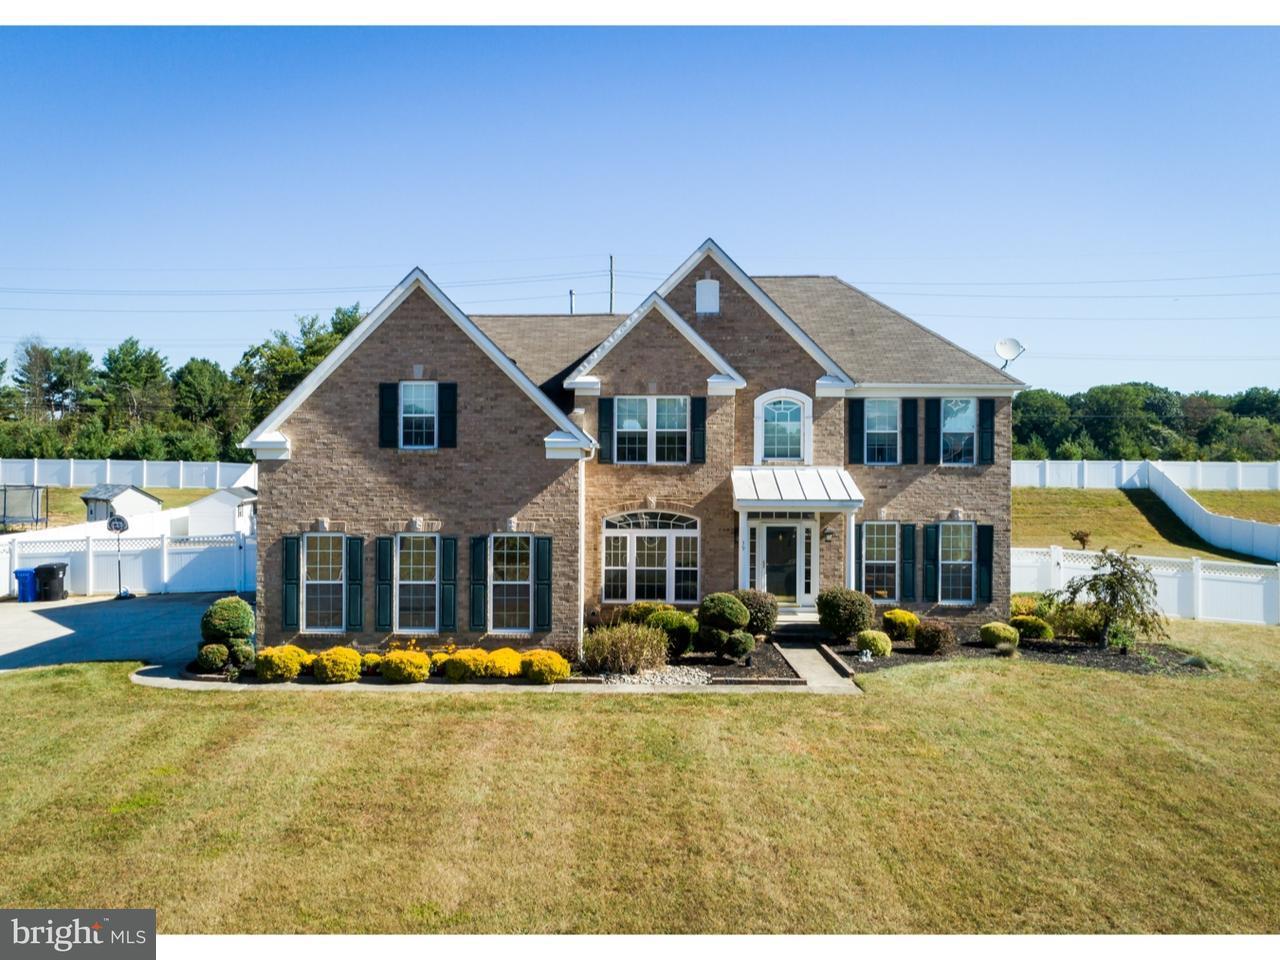 一戸建て のために 売買 アット 39 KRISTEN Lane Mantua, ニュージャージー 08051 アメリカ合衆国